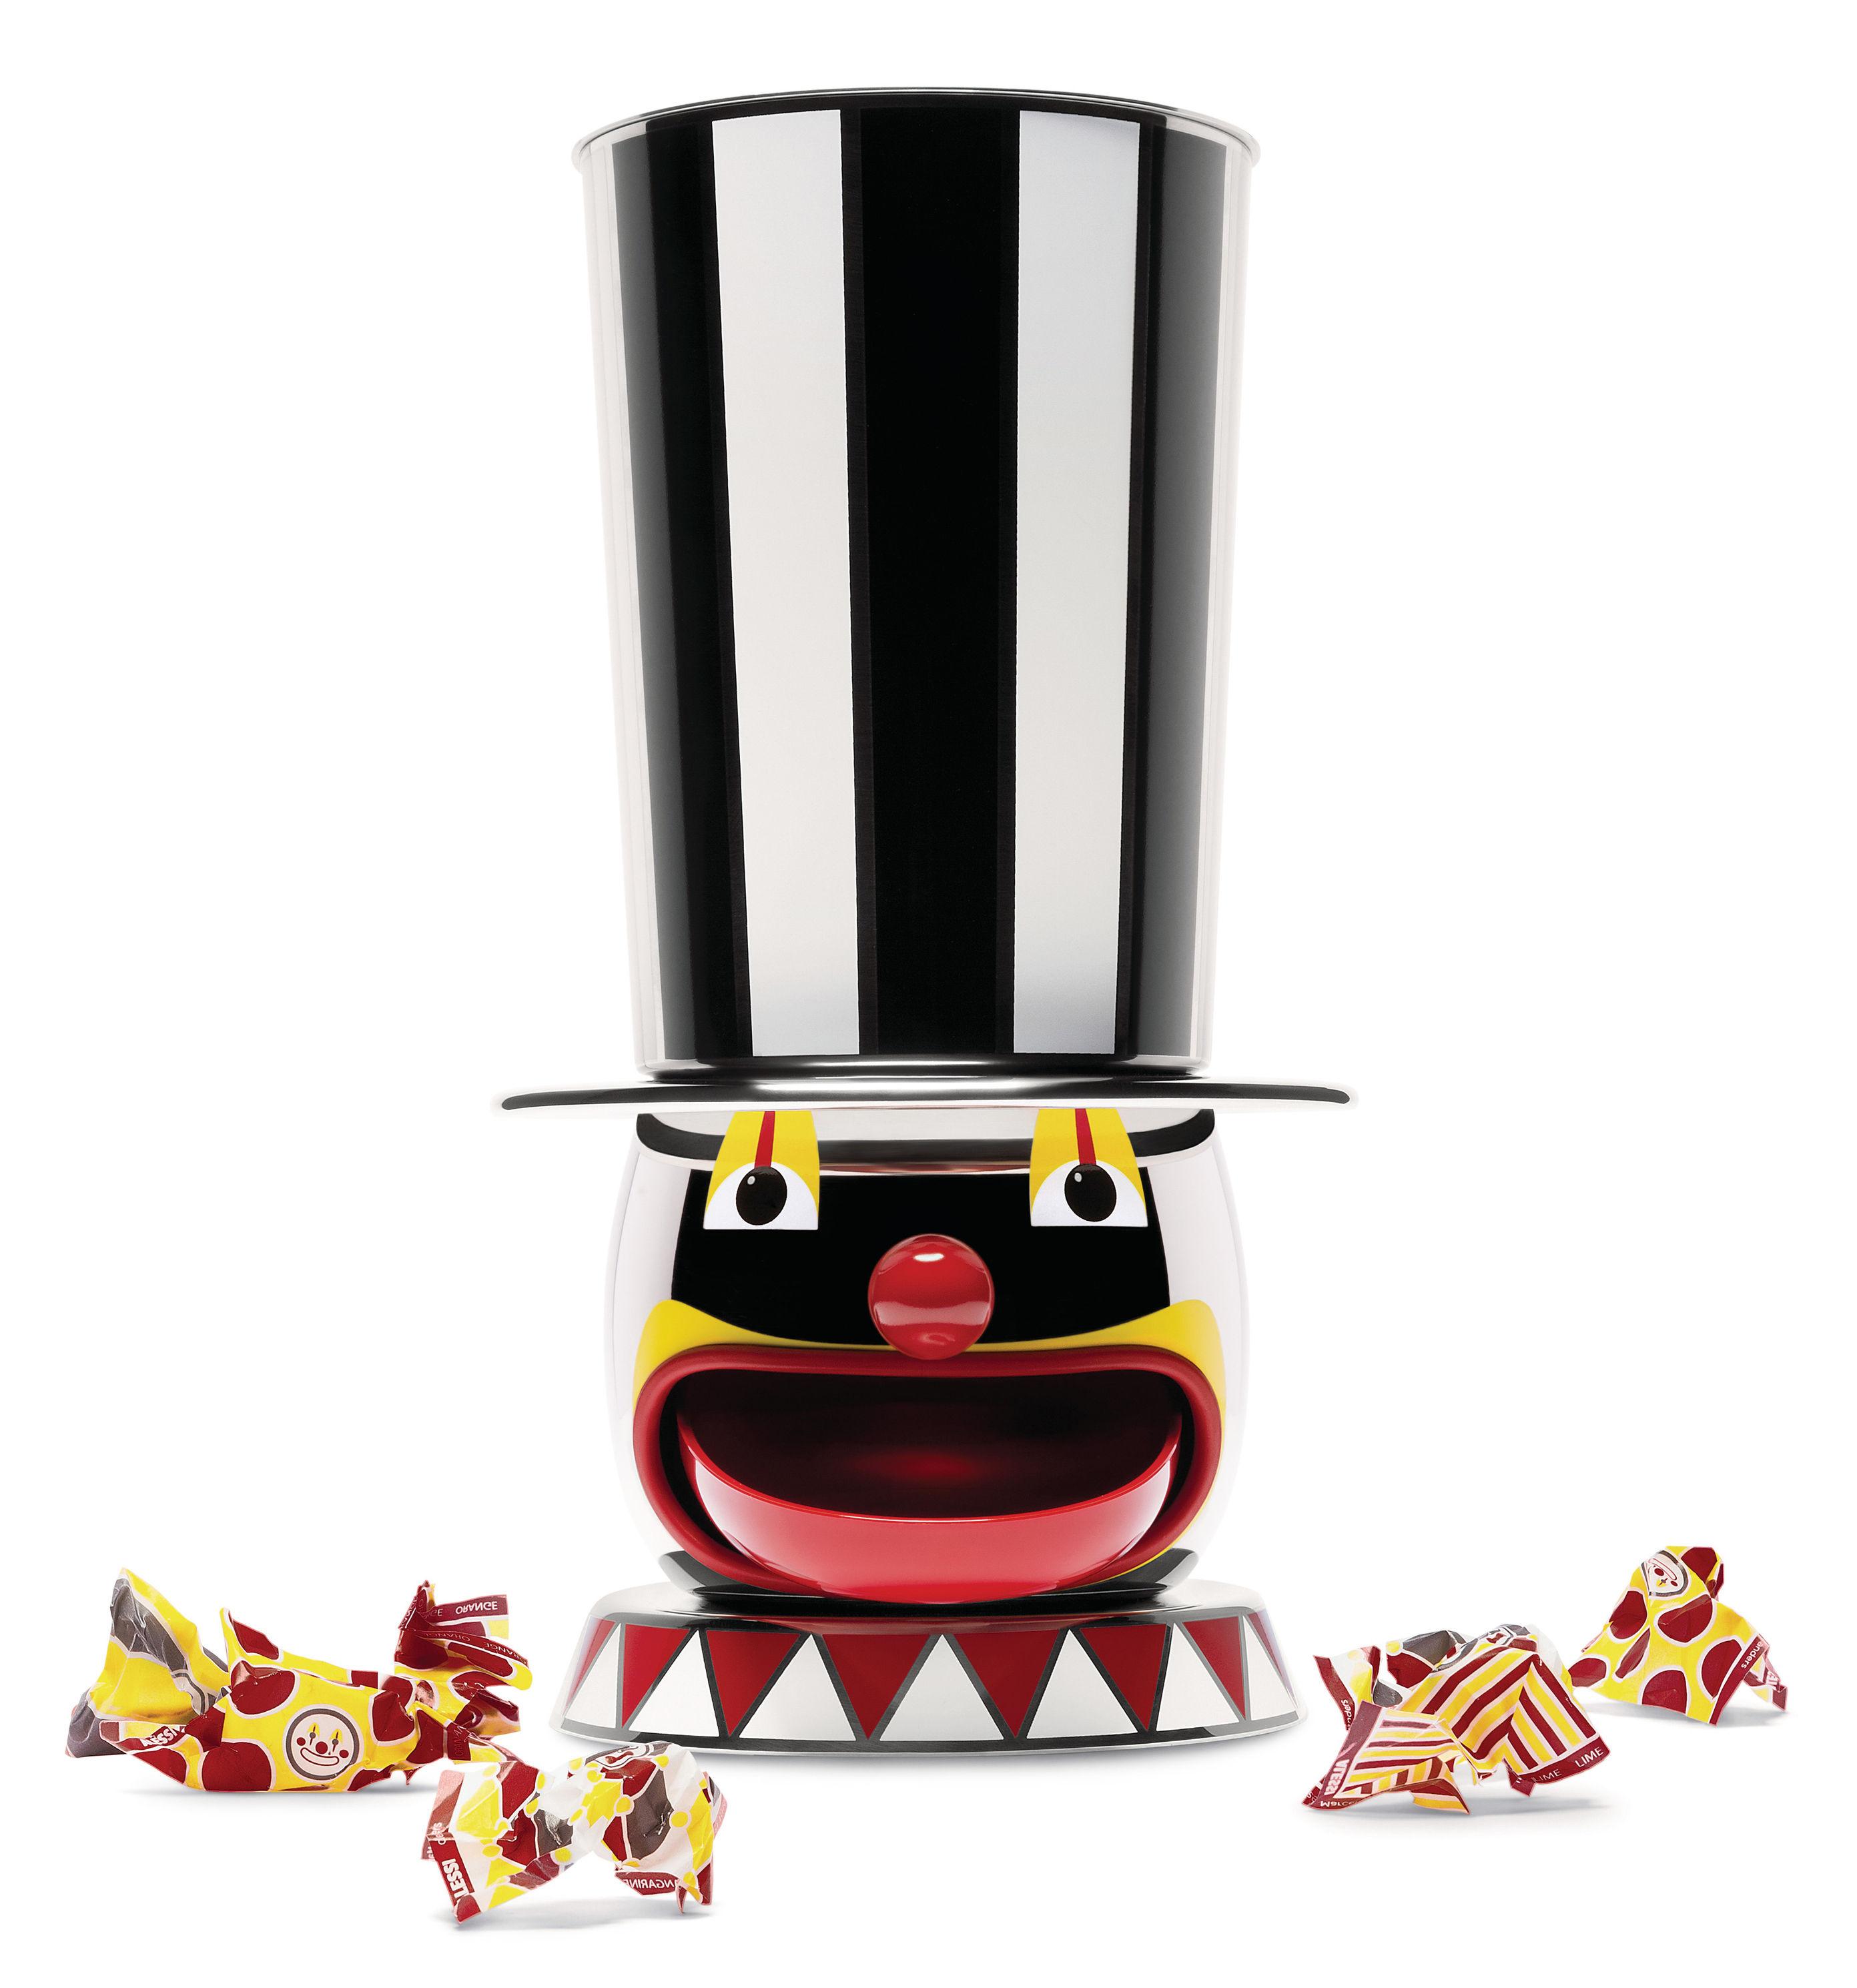 Arts de la table - Accessoires - Distributeur de bonbons Candyman /  Circus - Edition limitée numérotée - Alessi - Multicolore - Acier inoxydable peint